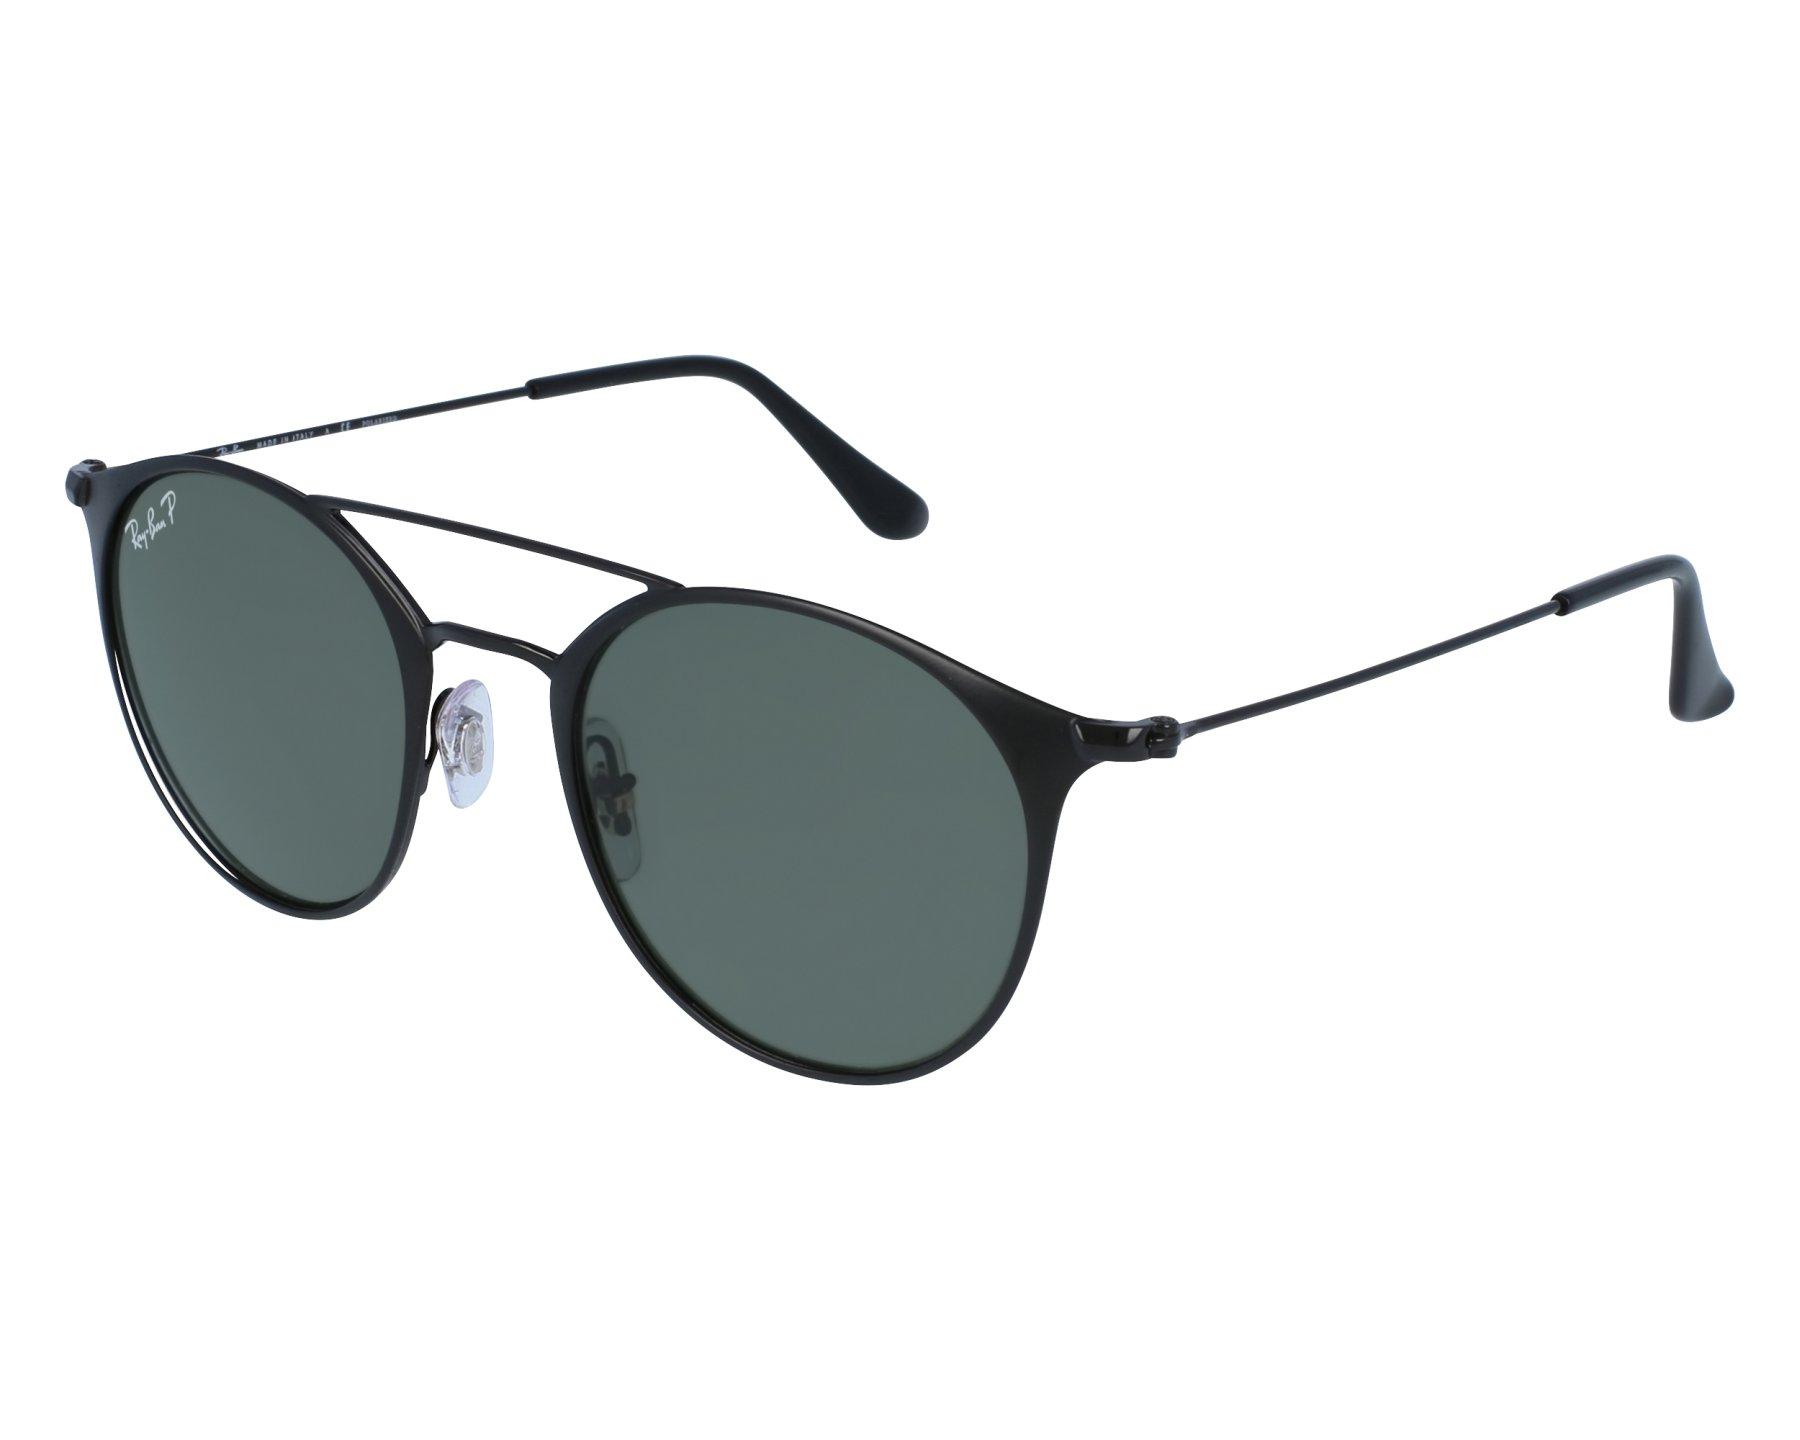 Ray-Ban RB3546 Sonnenbrille Mattschwarz 186 49mm mVU9FeEoJ